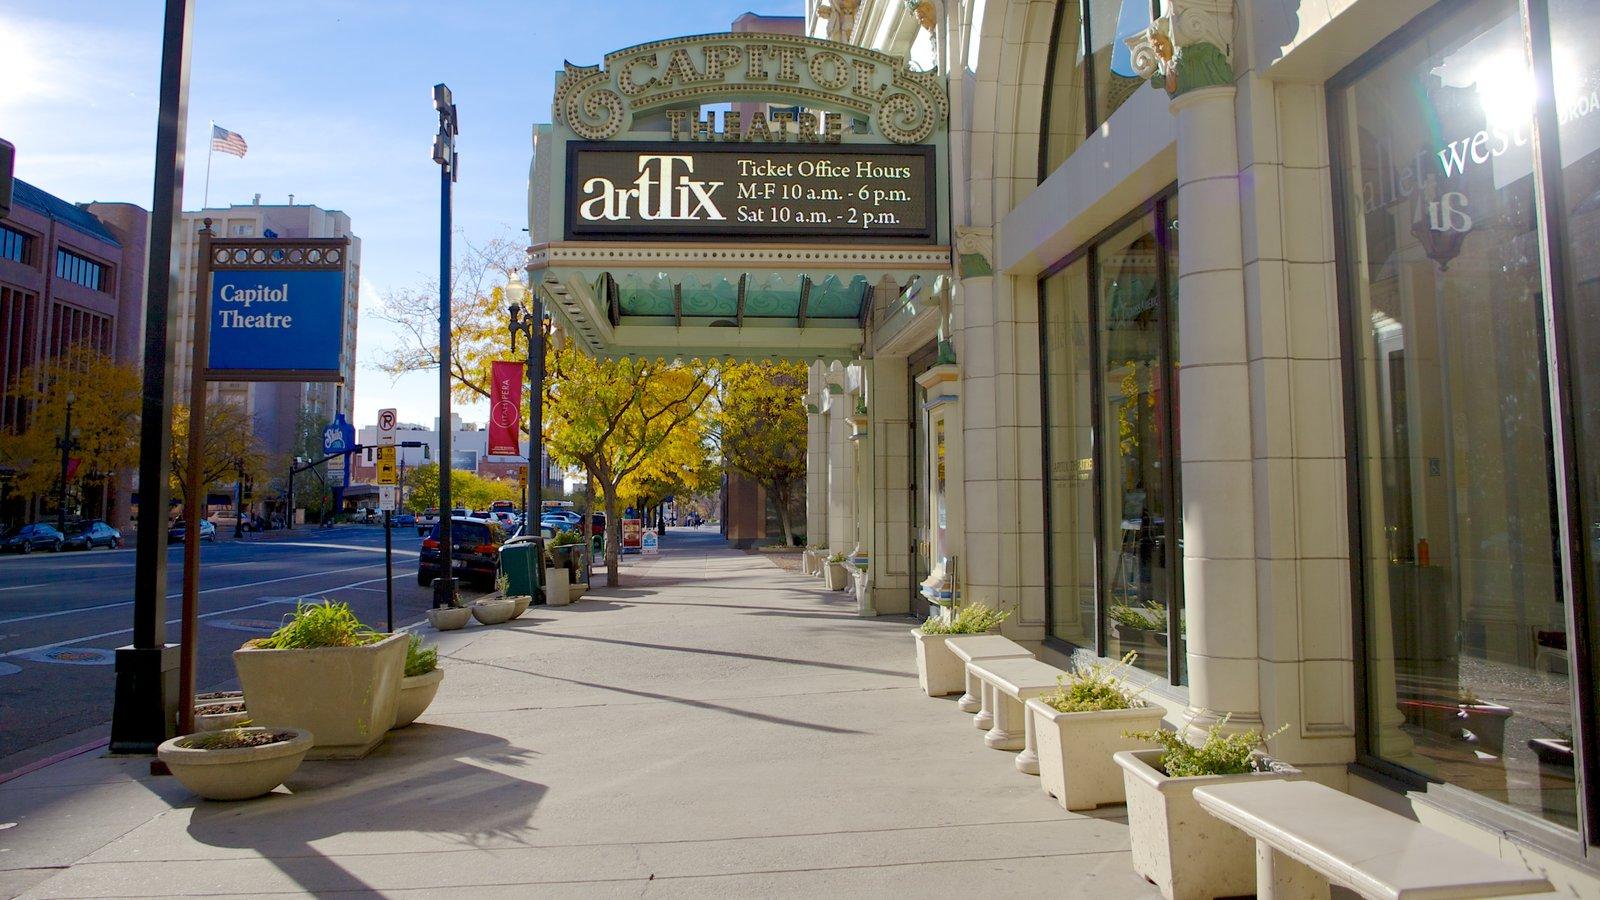 Capitol Theater que inclui sinalização, cenas de teatro e uma cidade